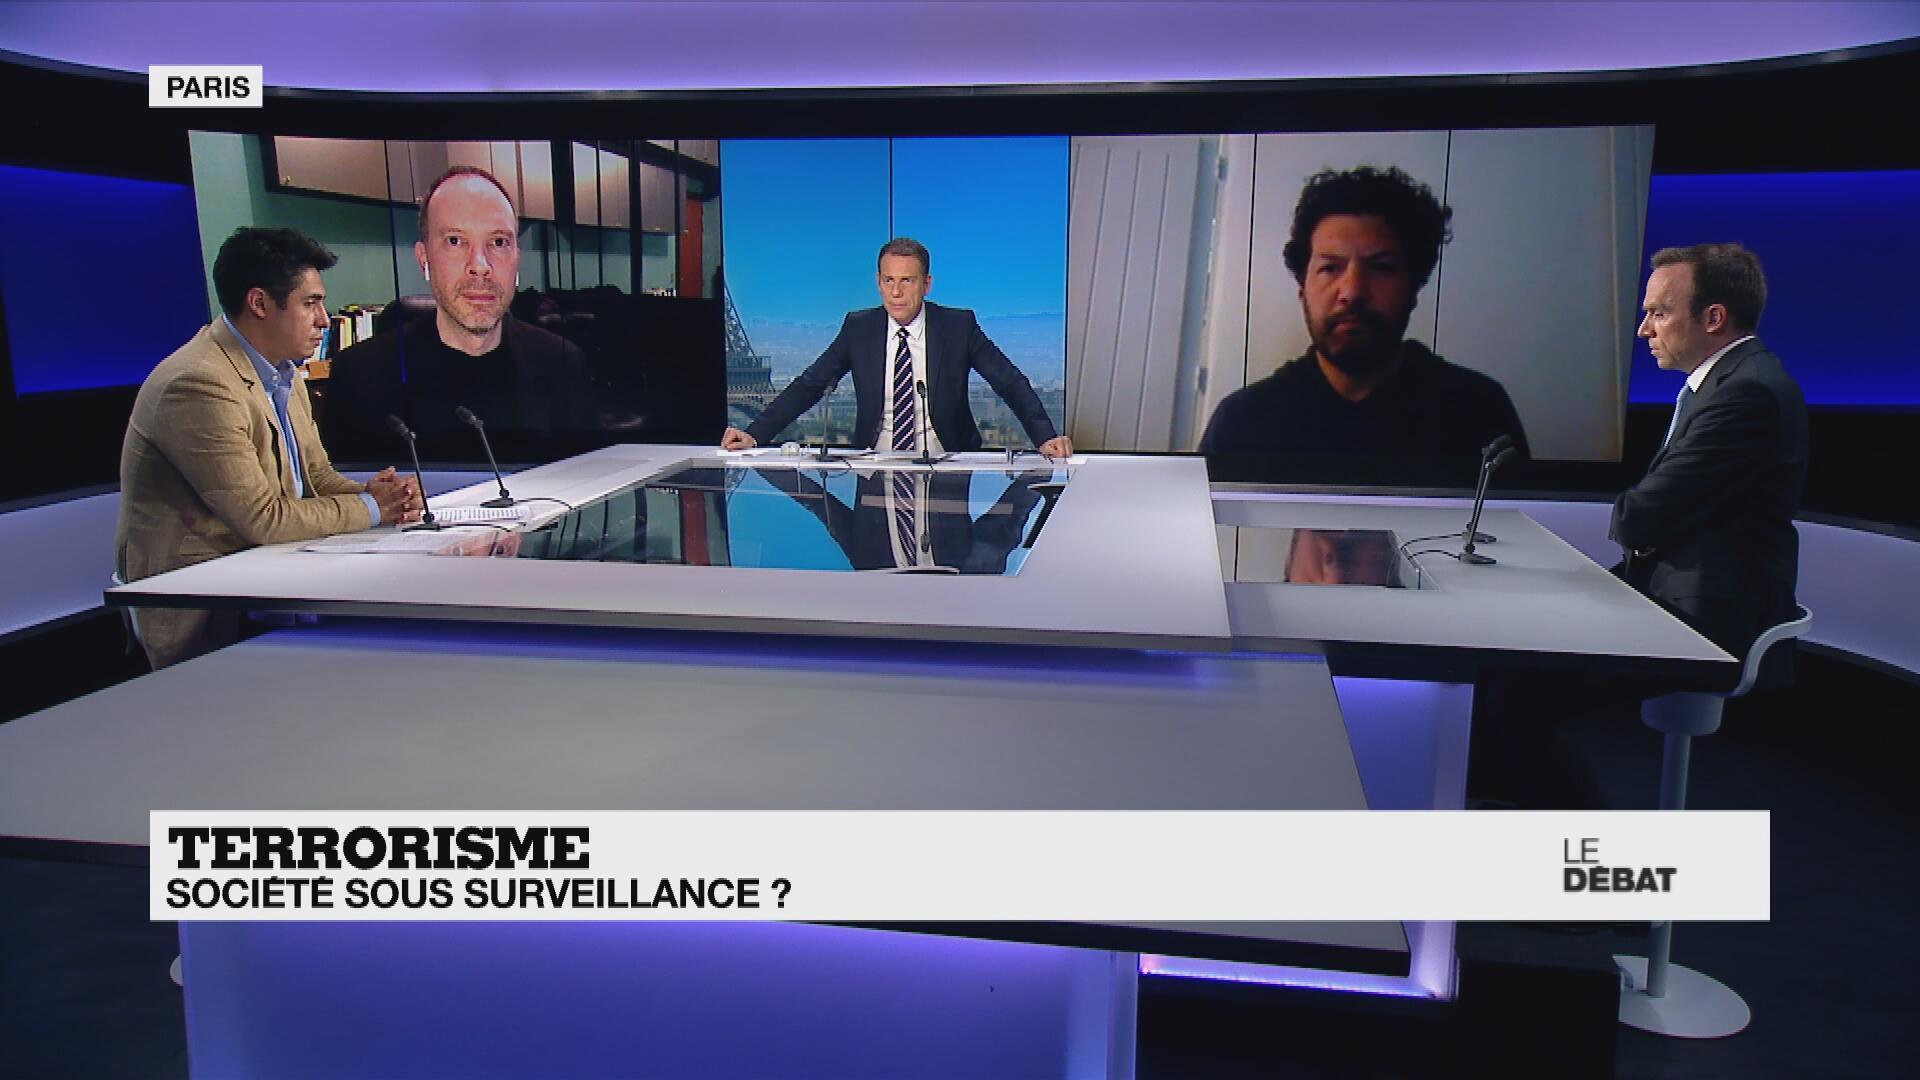 Le Débat de France 24 - mercredi 28 avril 2021